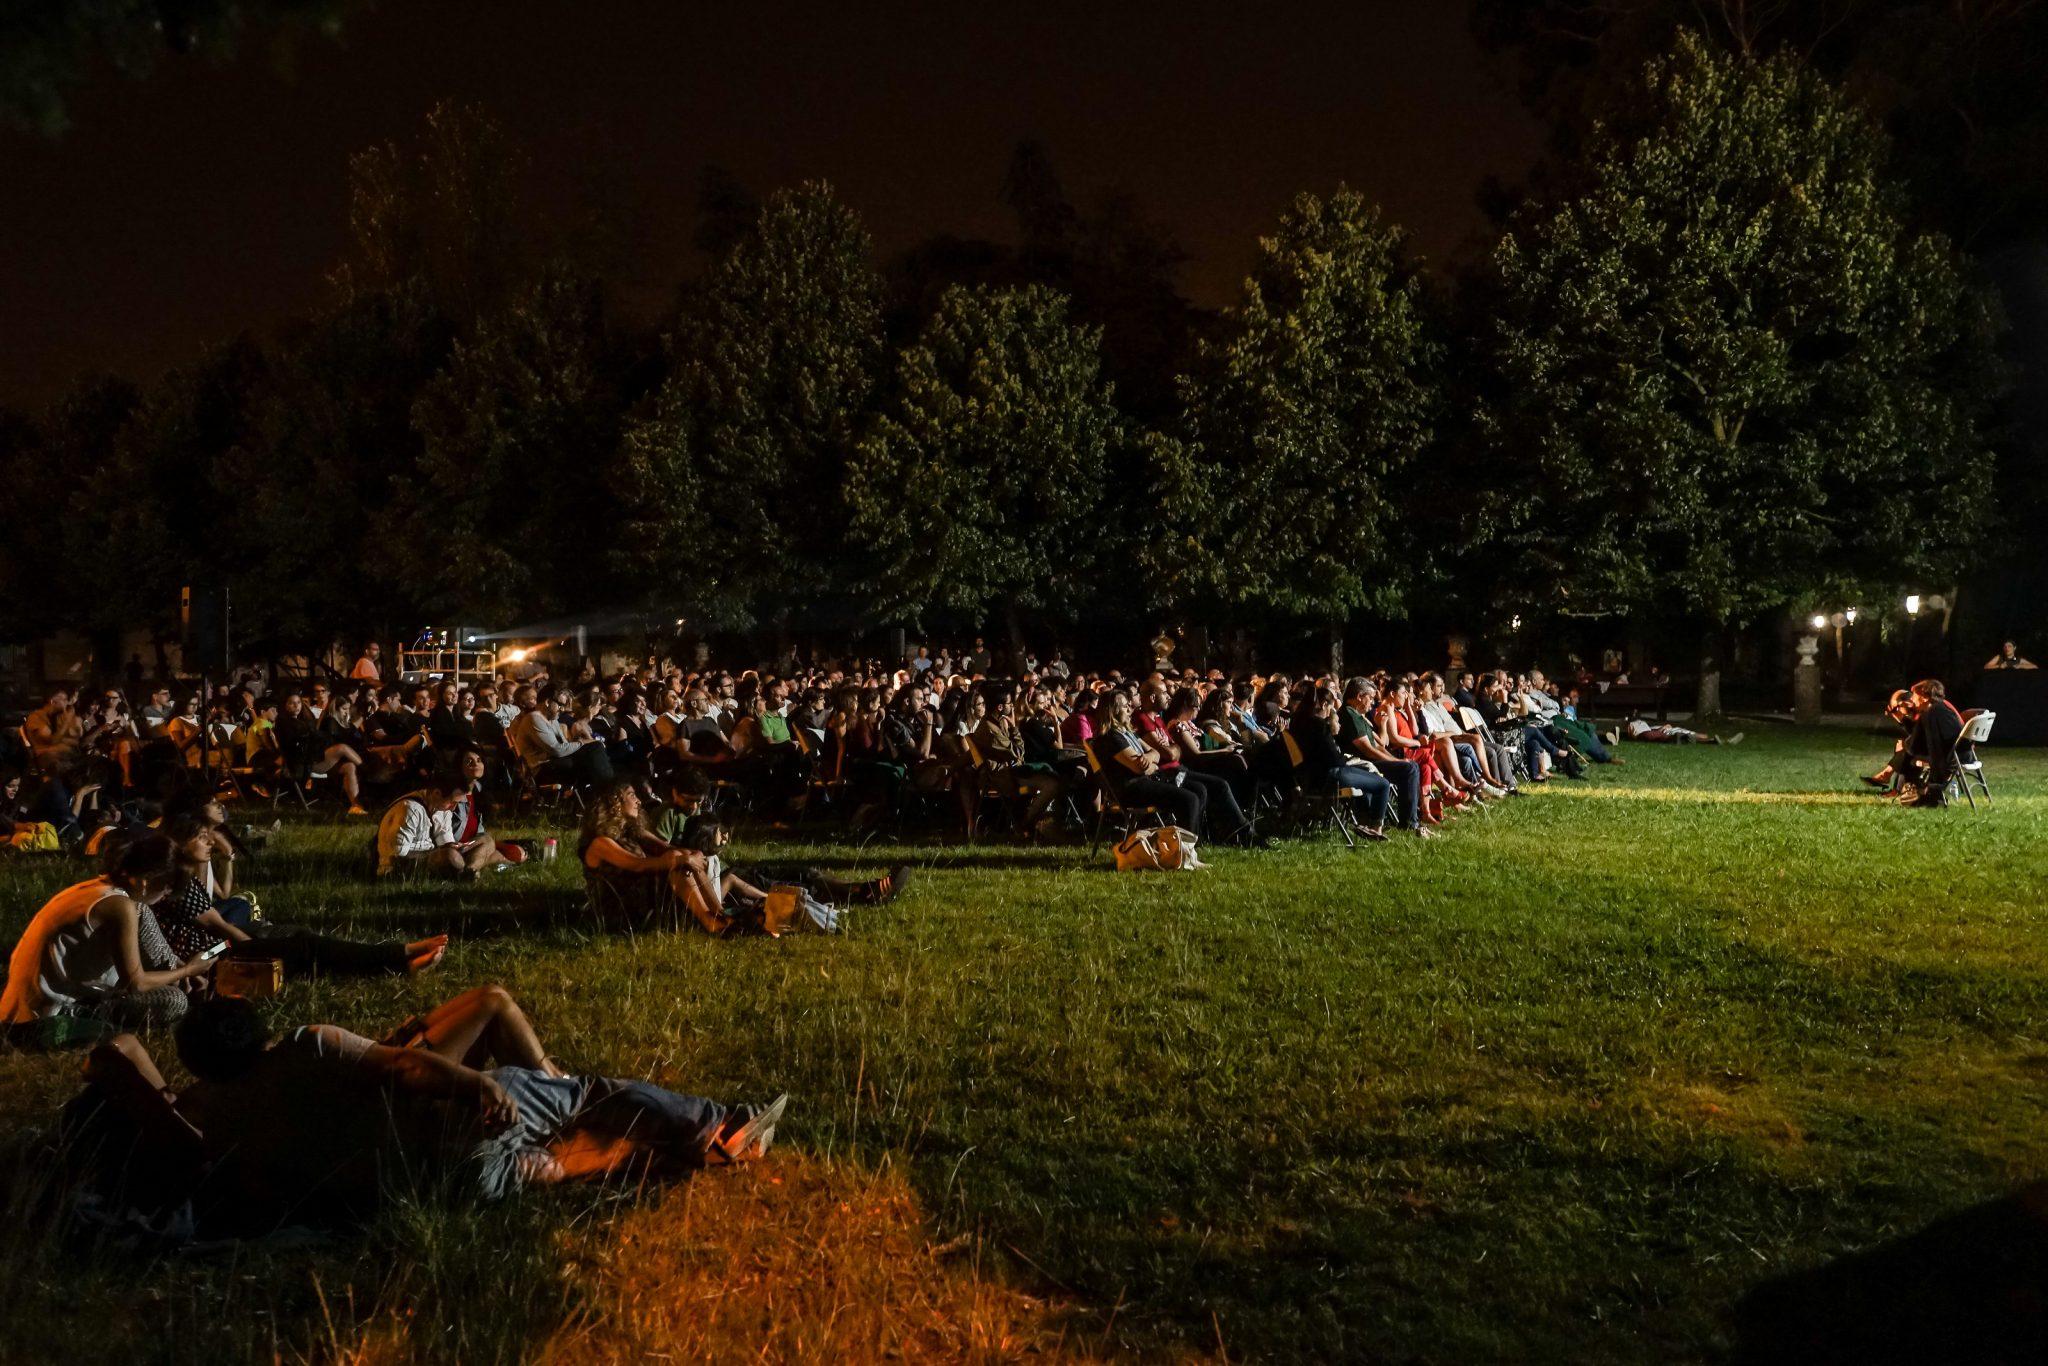 Jardim, à noite, com várias pessoas sentadas em cadeiras e no chão, iluminadas por um écrã de cinema.